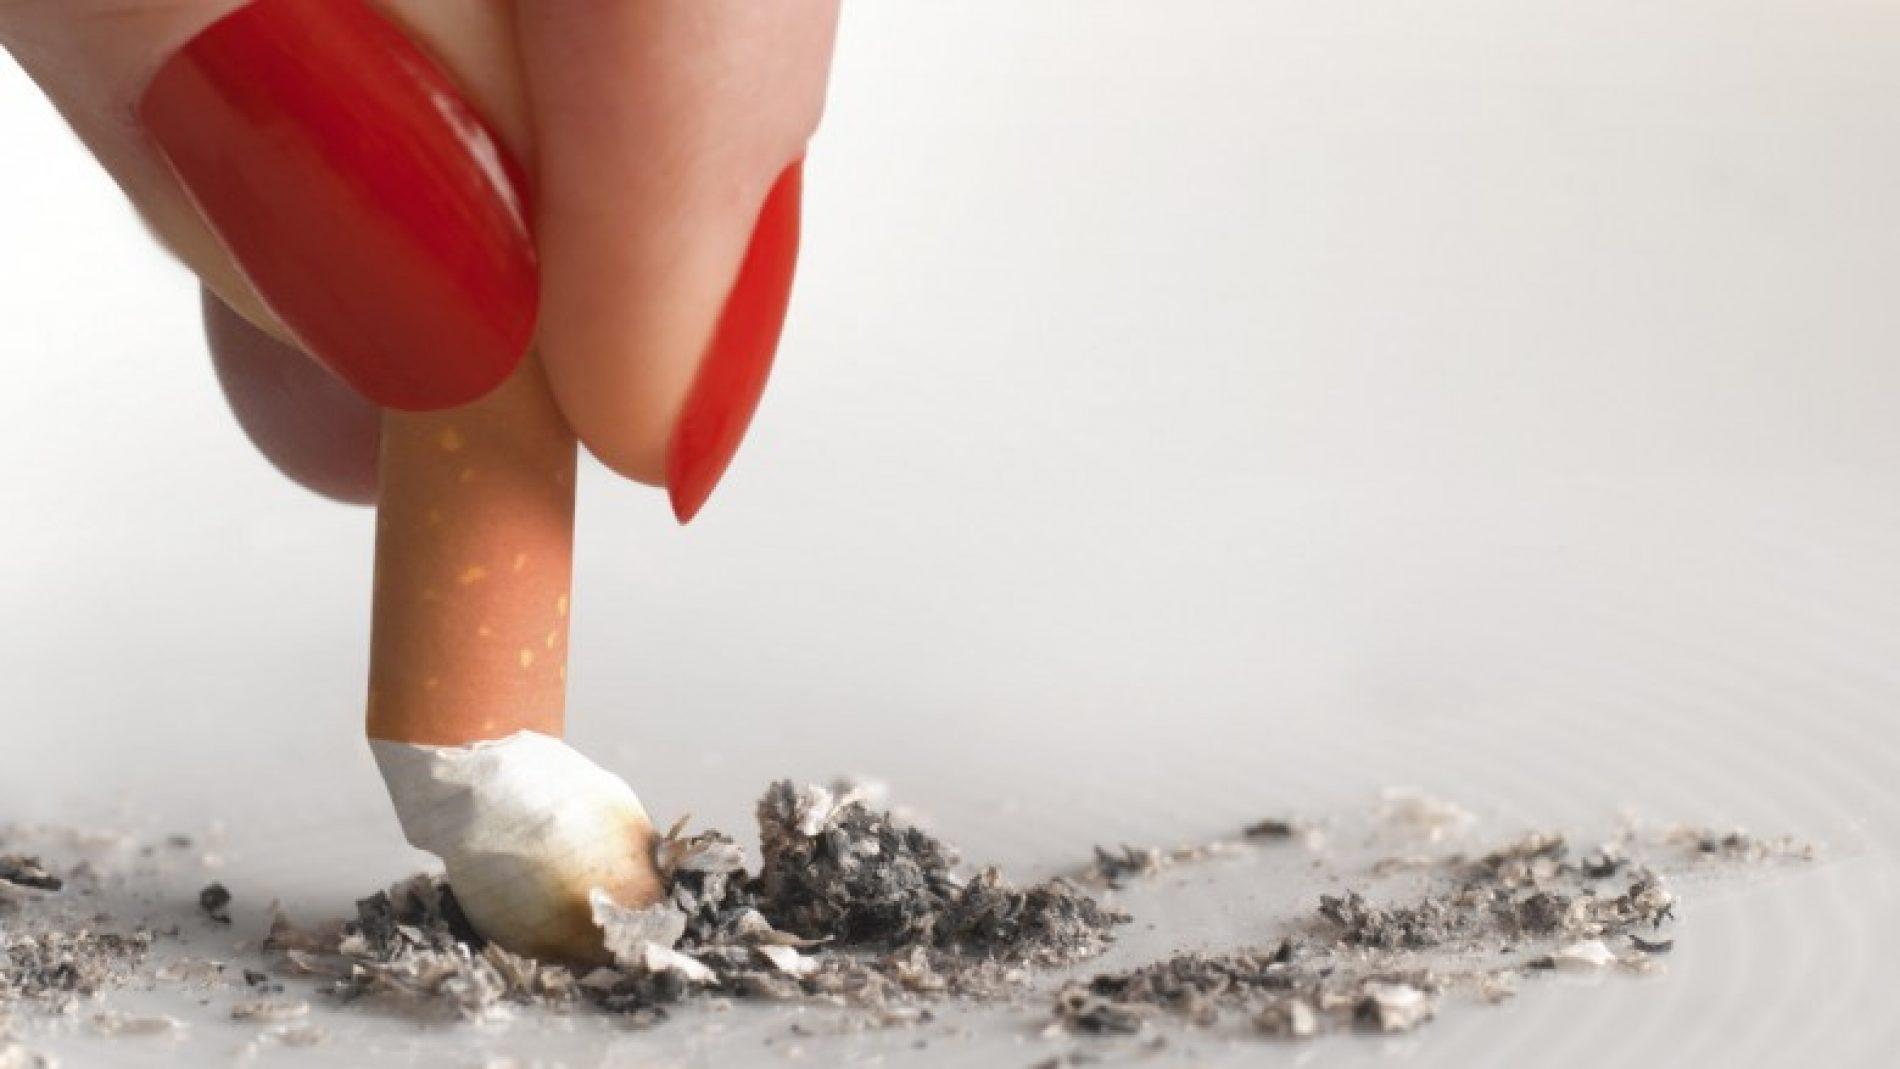 Çfarë i ndodh trupit kur e lini duhanin